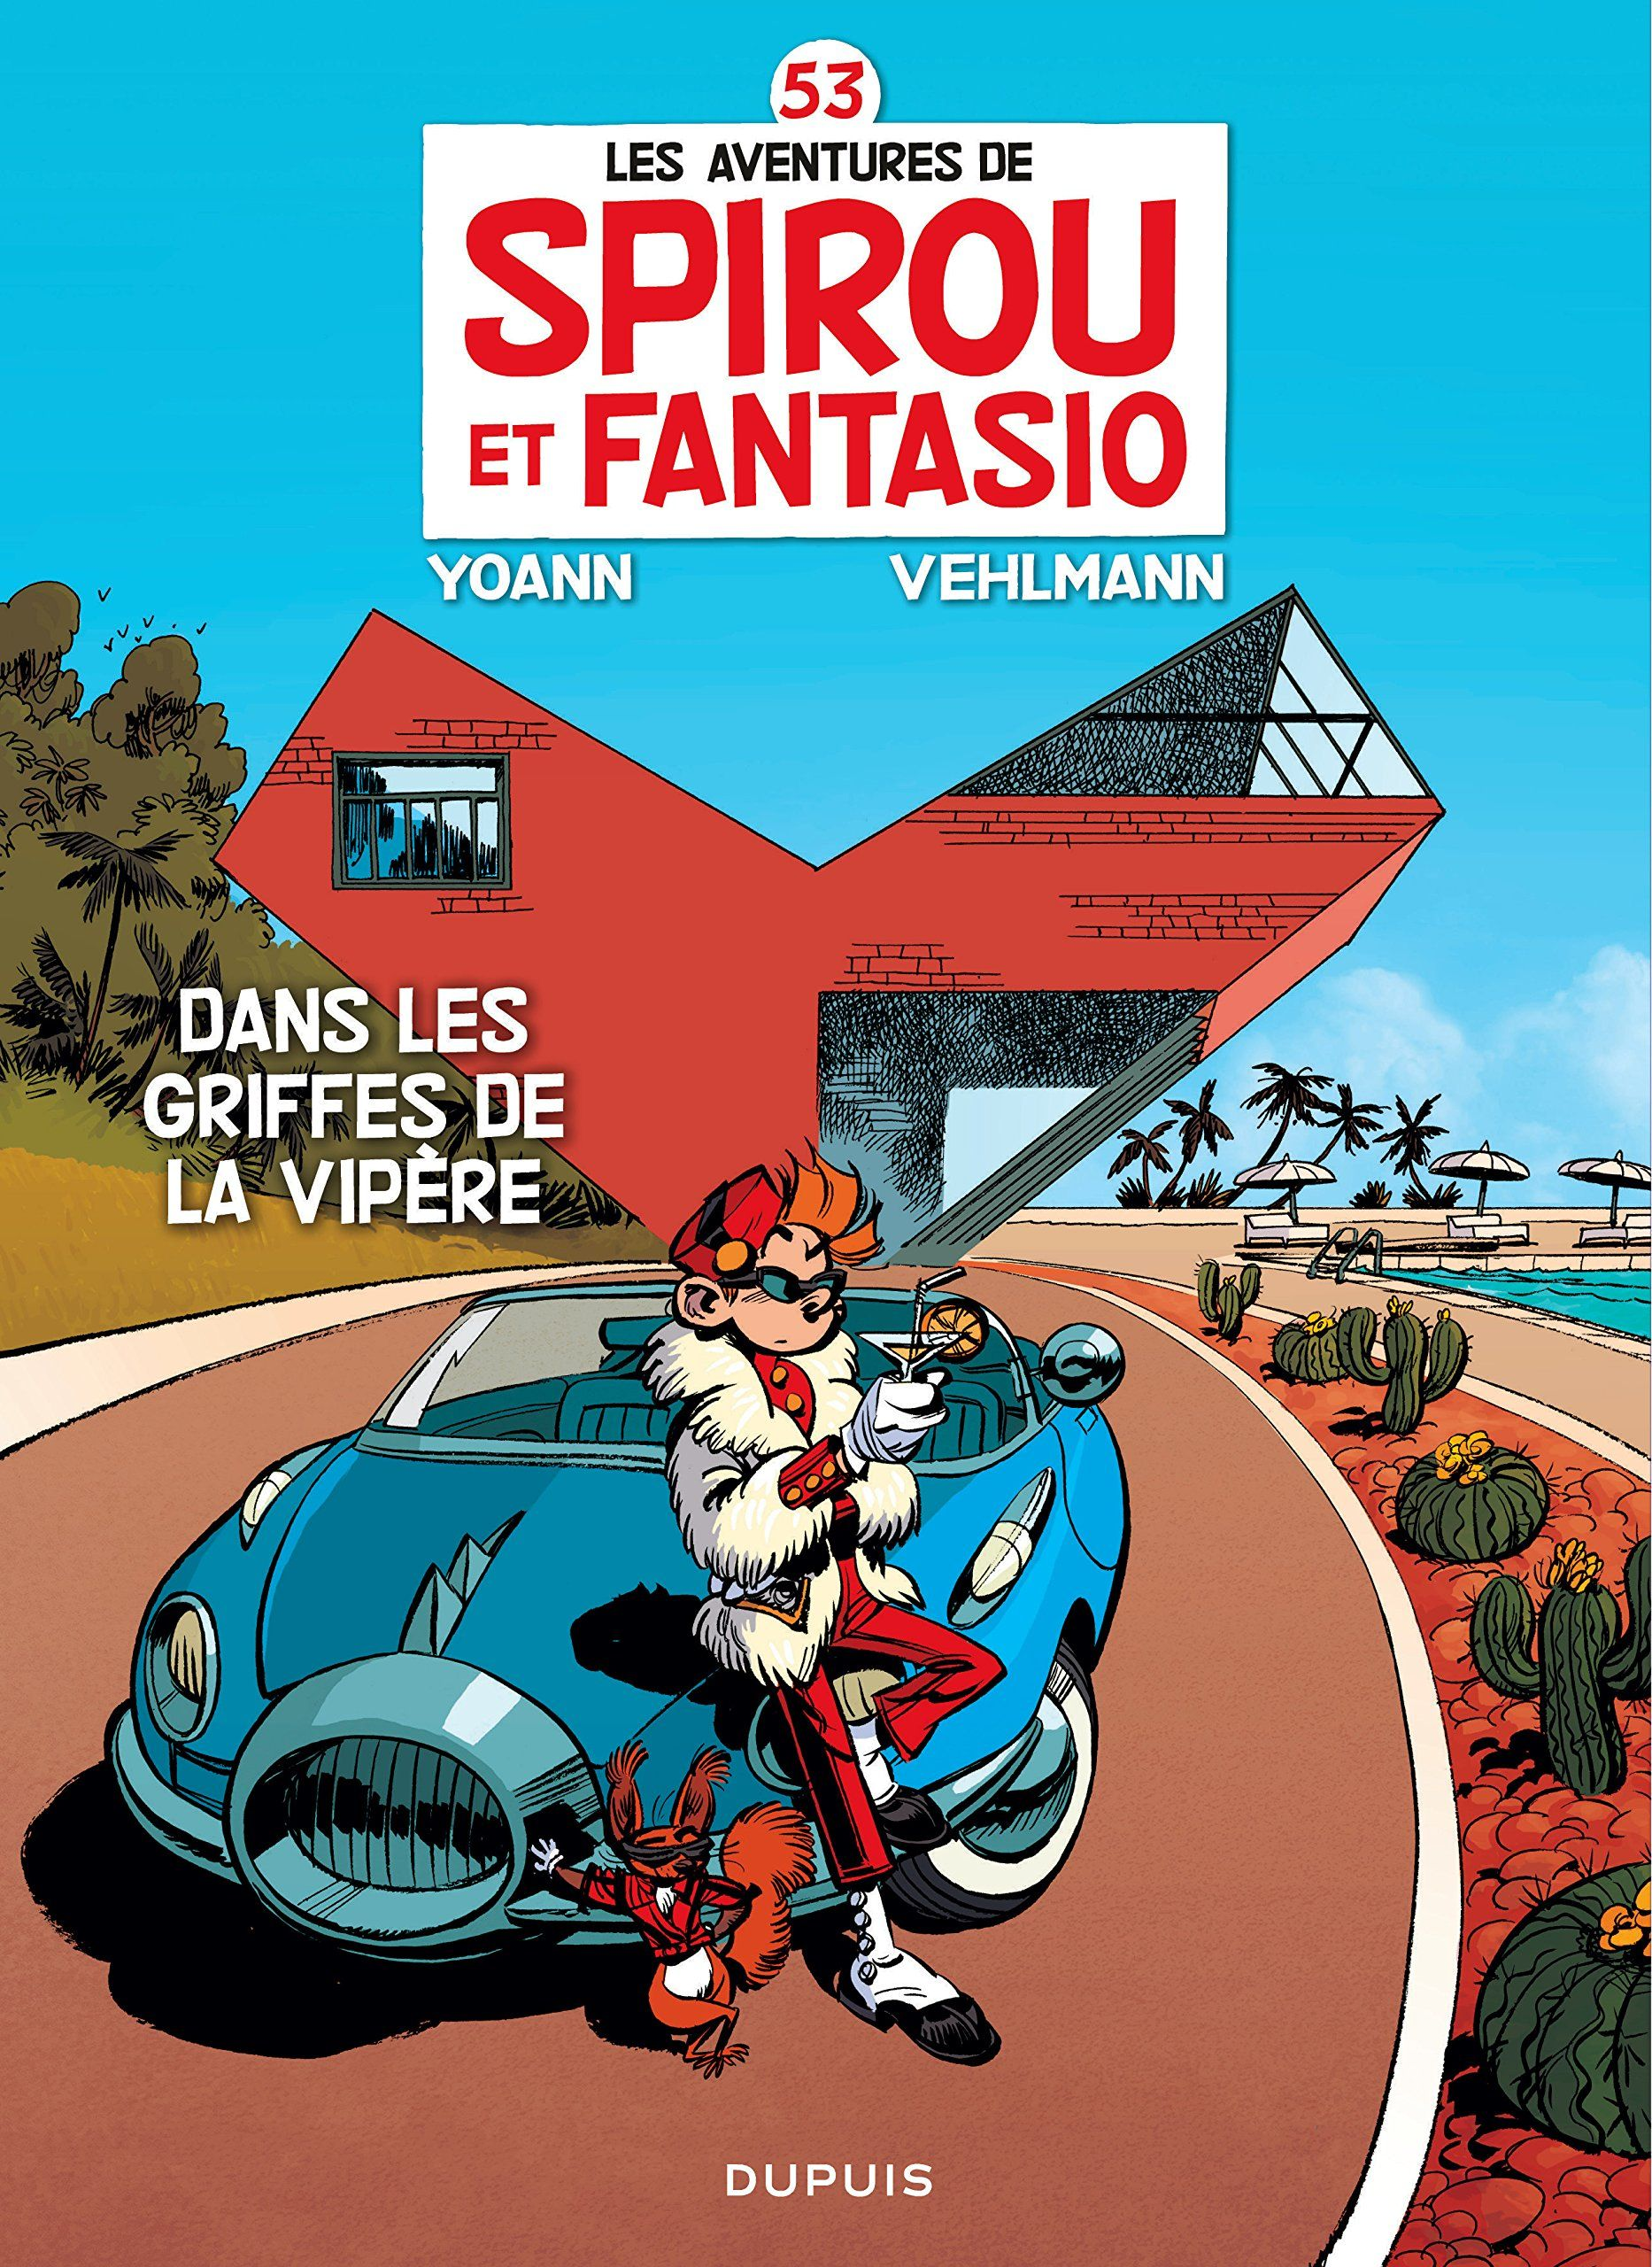 Pin By Benjamin Jancewicz On Wishlist In 2020 Fun Comics Comic Drawing Comic Art